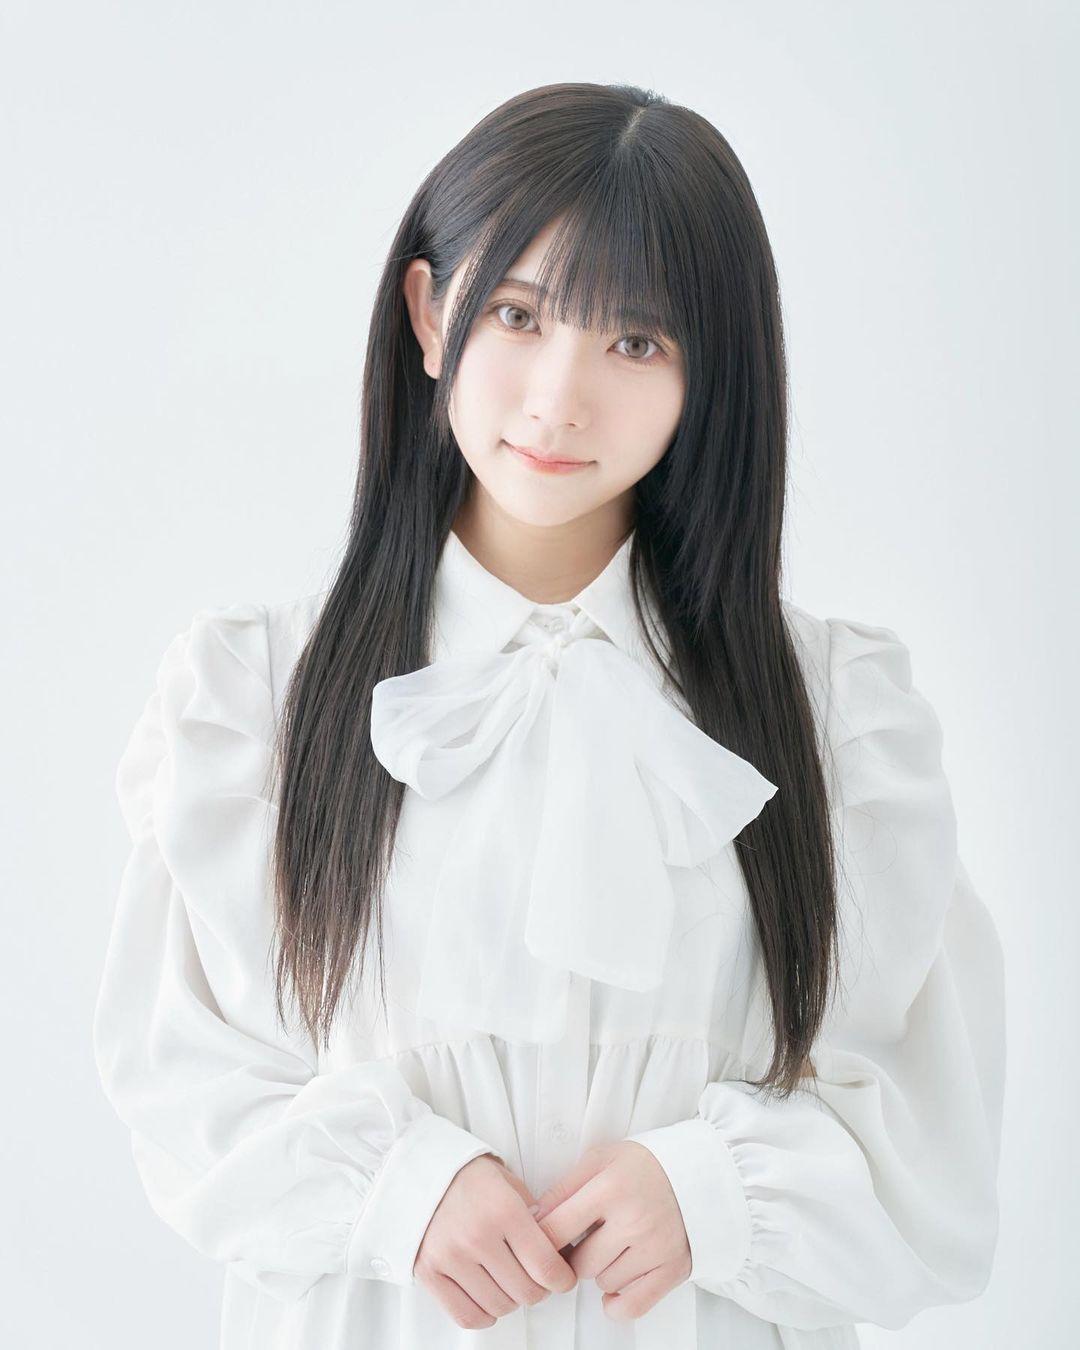 偶像团体HKT48成员「山田麻莉奈」,初恋系女友诠释得淋漓尽致-新图包